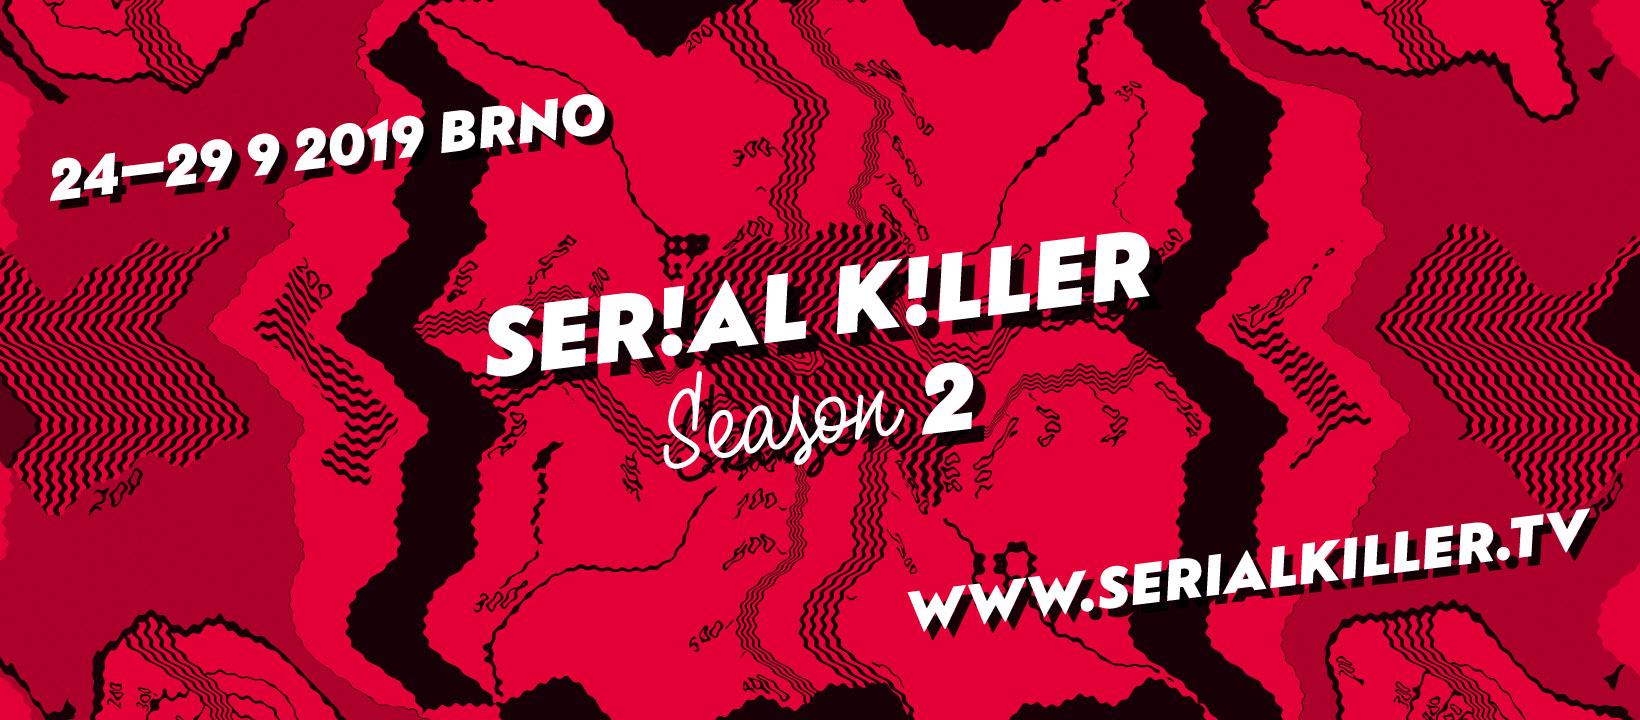 Serial Killer festival founder Kamila Zlatušková: original